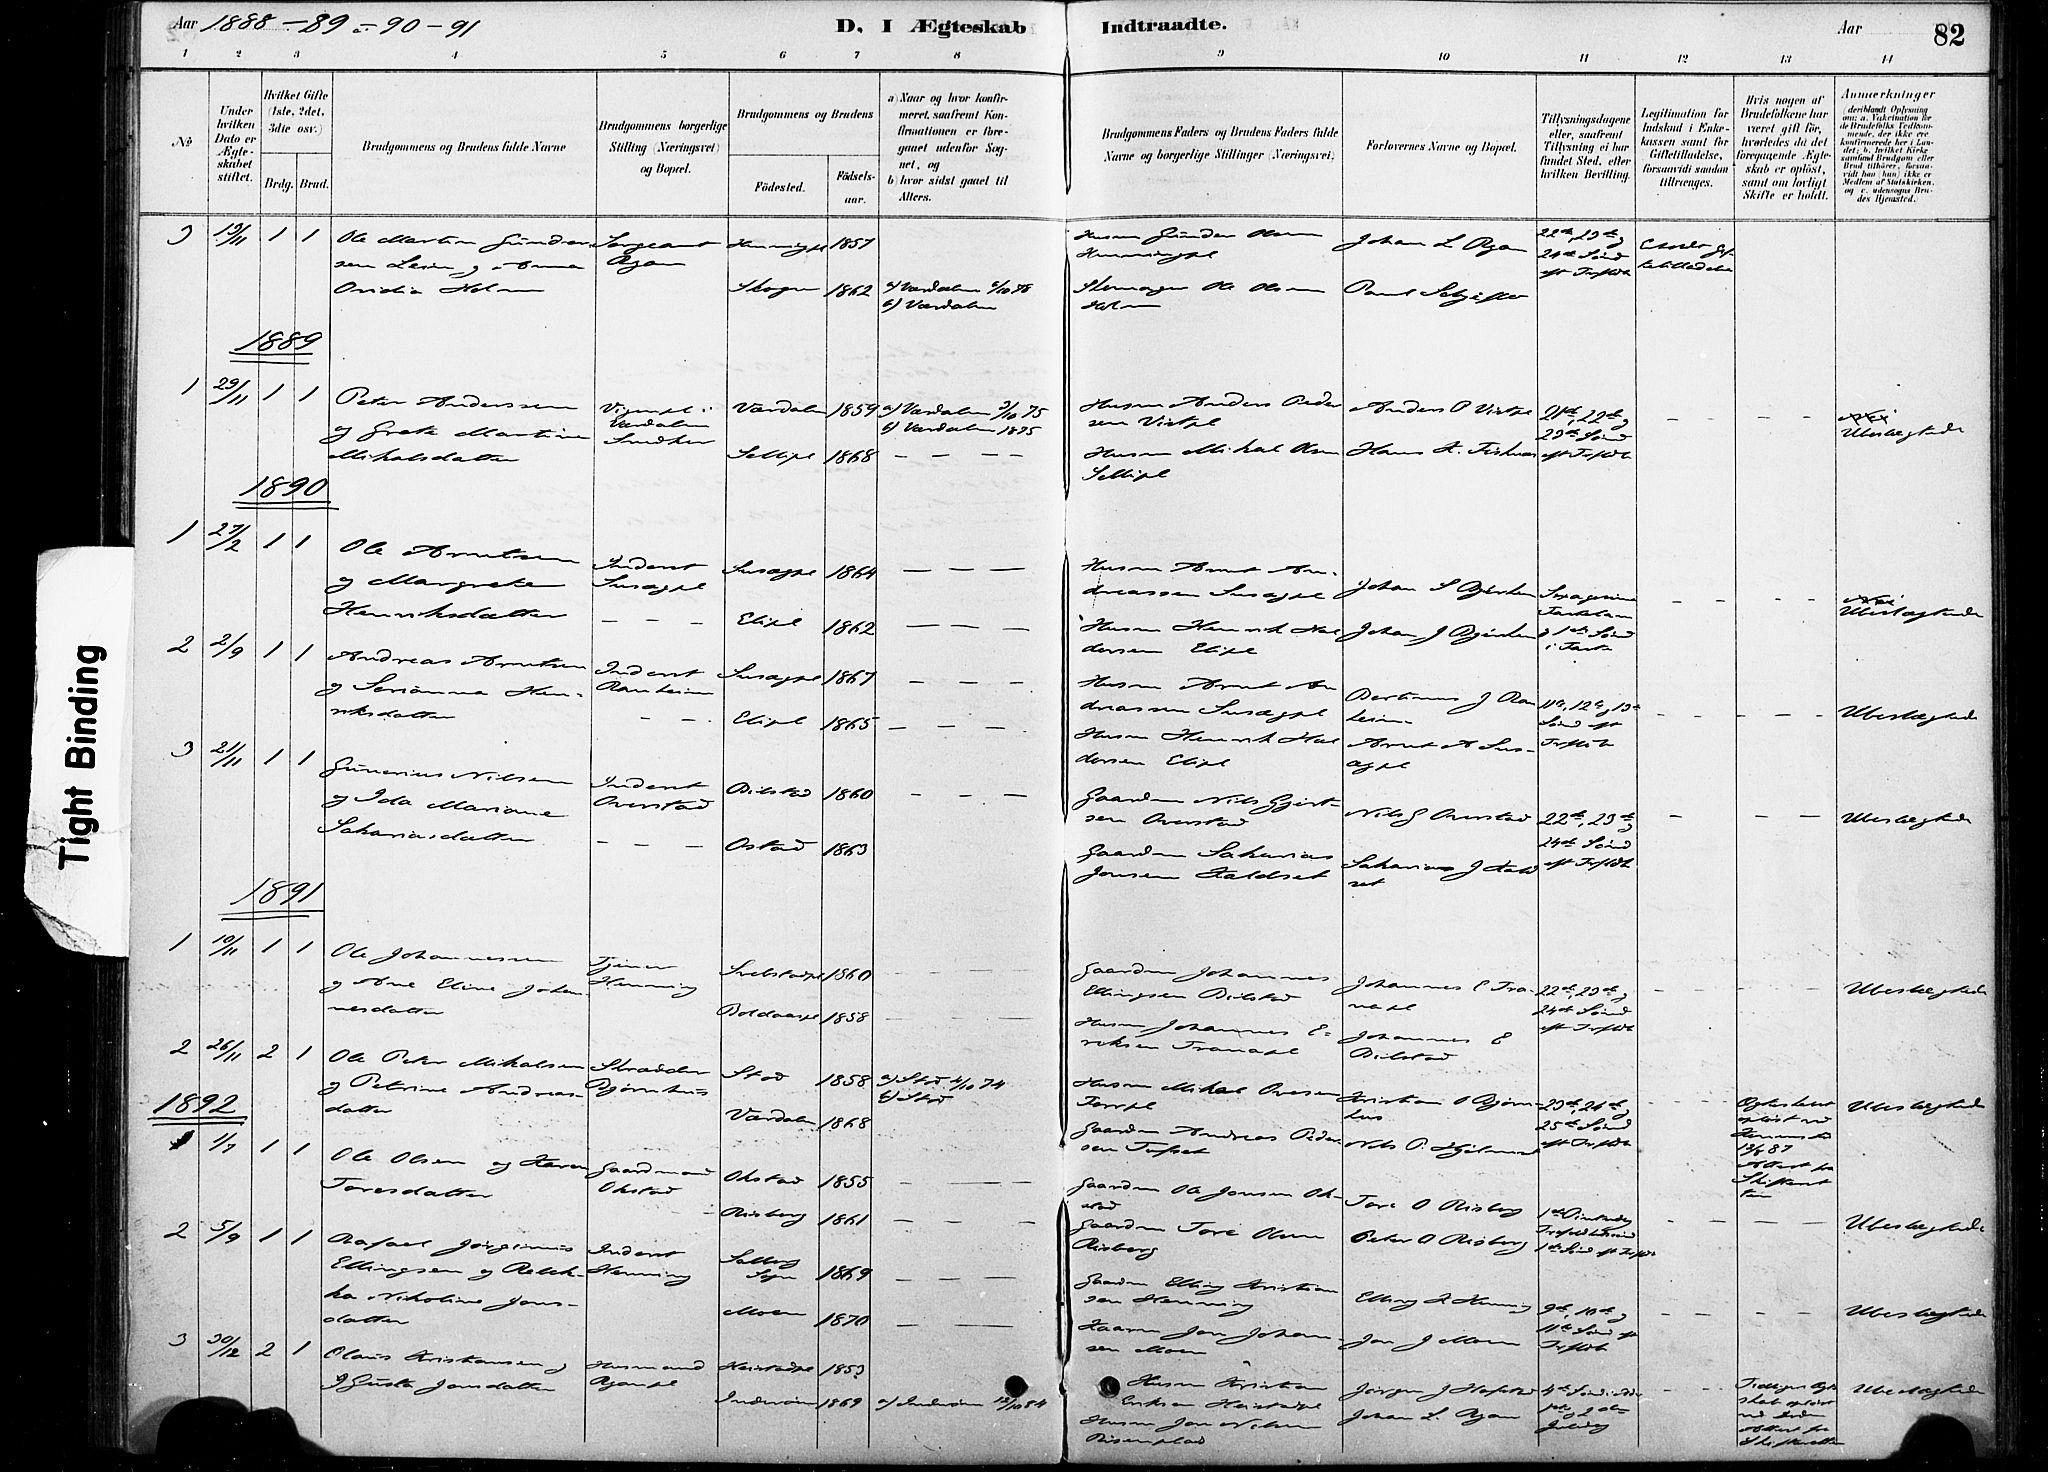 SAT, Ministerialprotokoller, klokkerbøker og fødselsregistre - Nord-Trøndelag, 738/L0364: Ministerialbok nr. 738A01, 1884-1902, s. 82